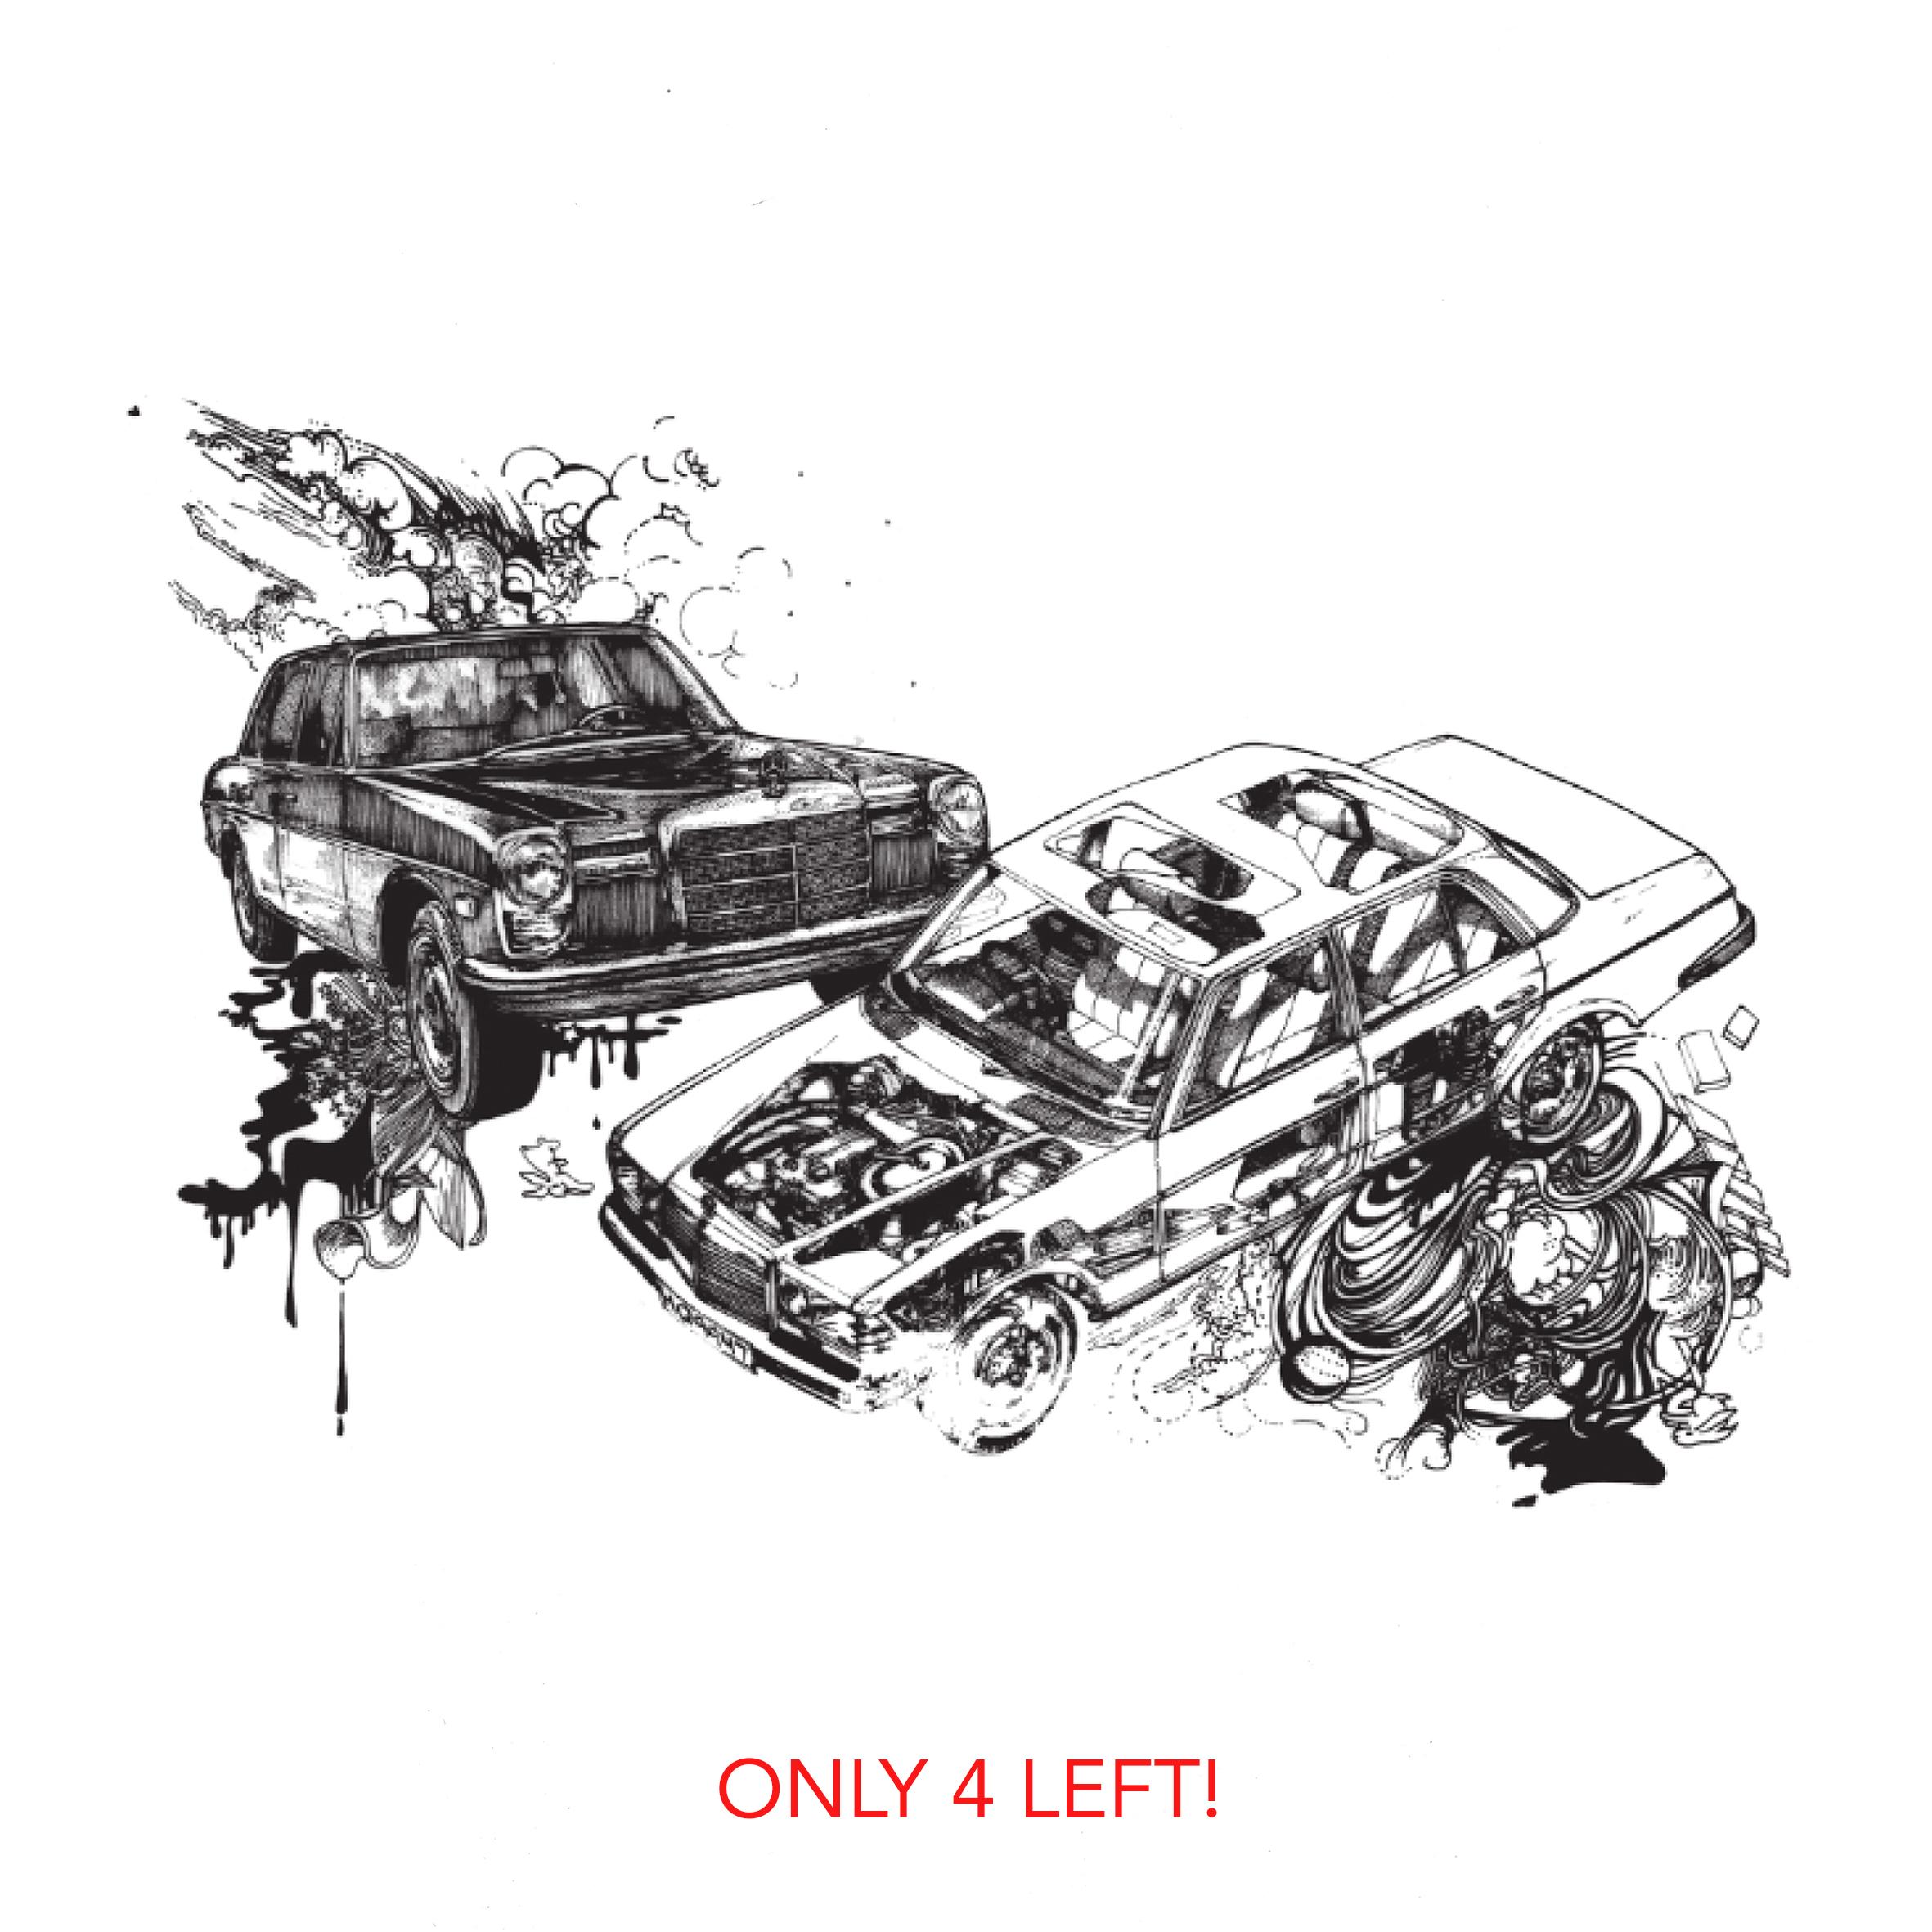 BOOM The Mercedes 4 LEFT.jpg